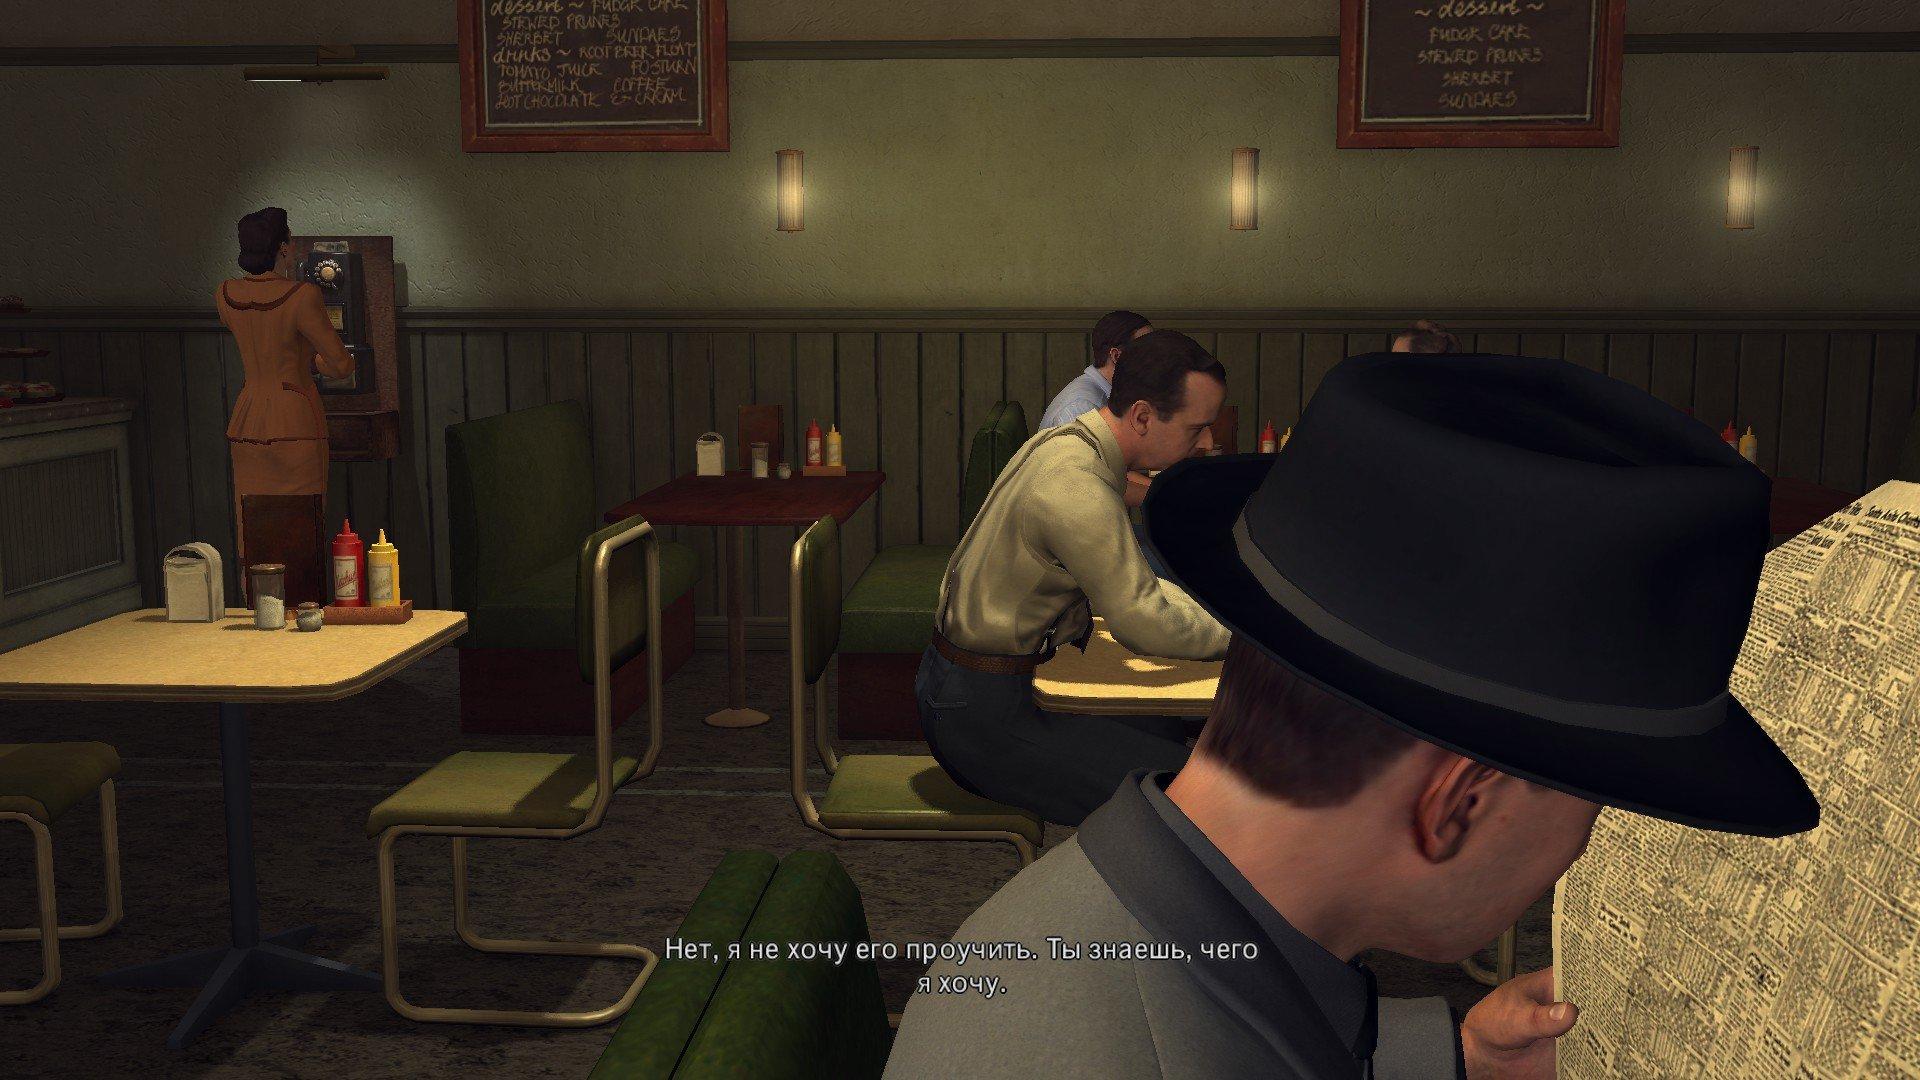 Пост-прохождение L.A. Noire Часть 5. - Изображение 23